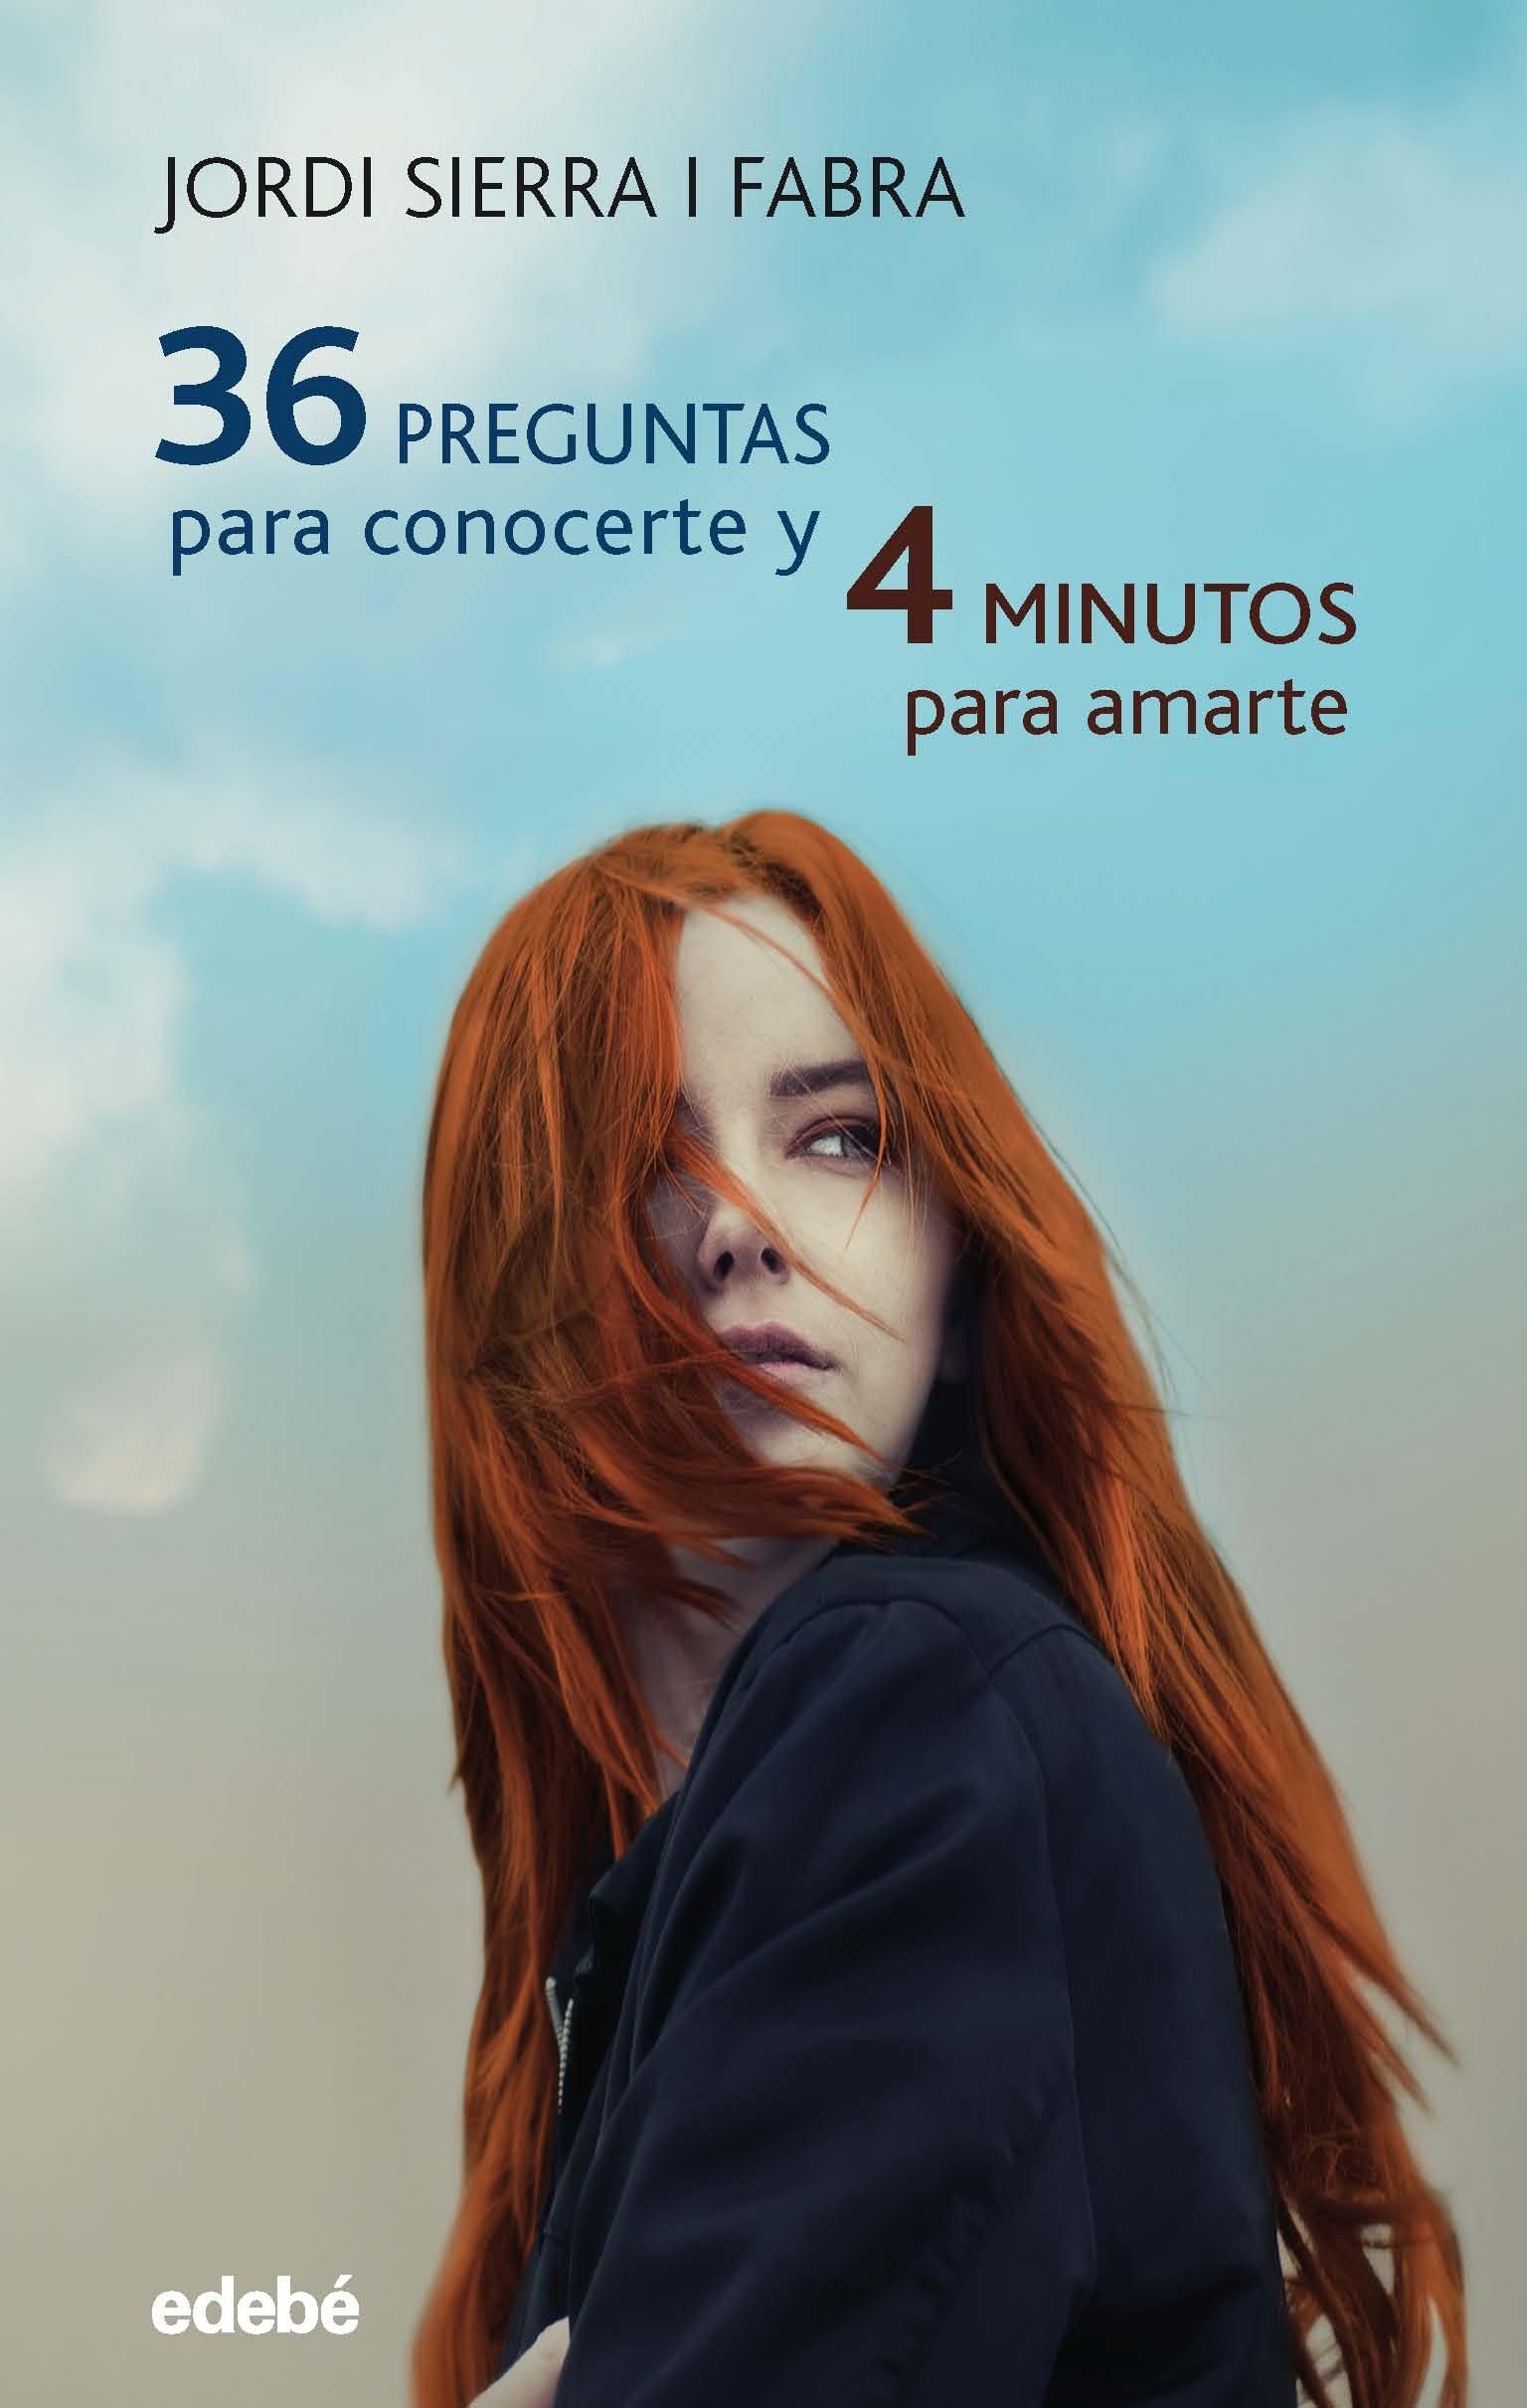 Resultado de imagen de 36 preguntas para conocerte y 4 minutos para amarte, Jordi Sierra i Fabra